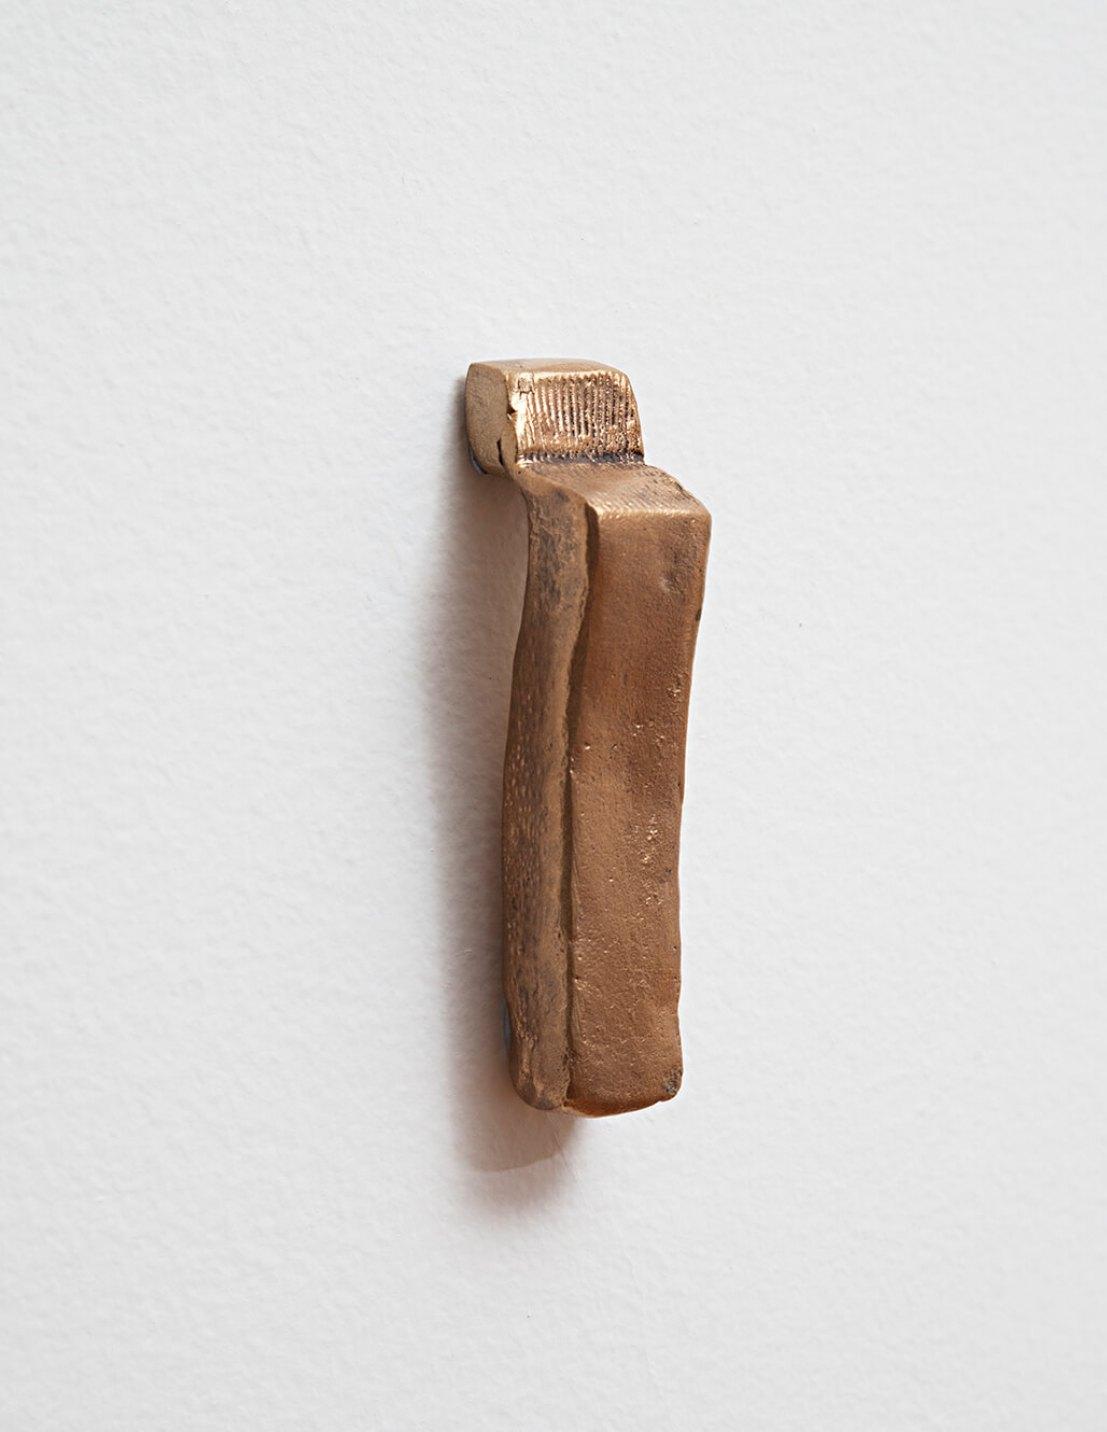 Paulo Monteiro,<em>untitled</em>, 2013, bronze, 10 × 2 × 2,5 cm - Mendes Wood DM